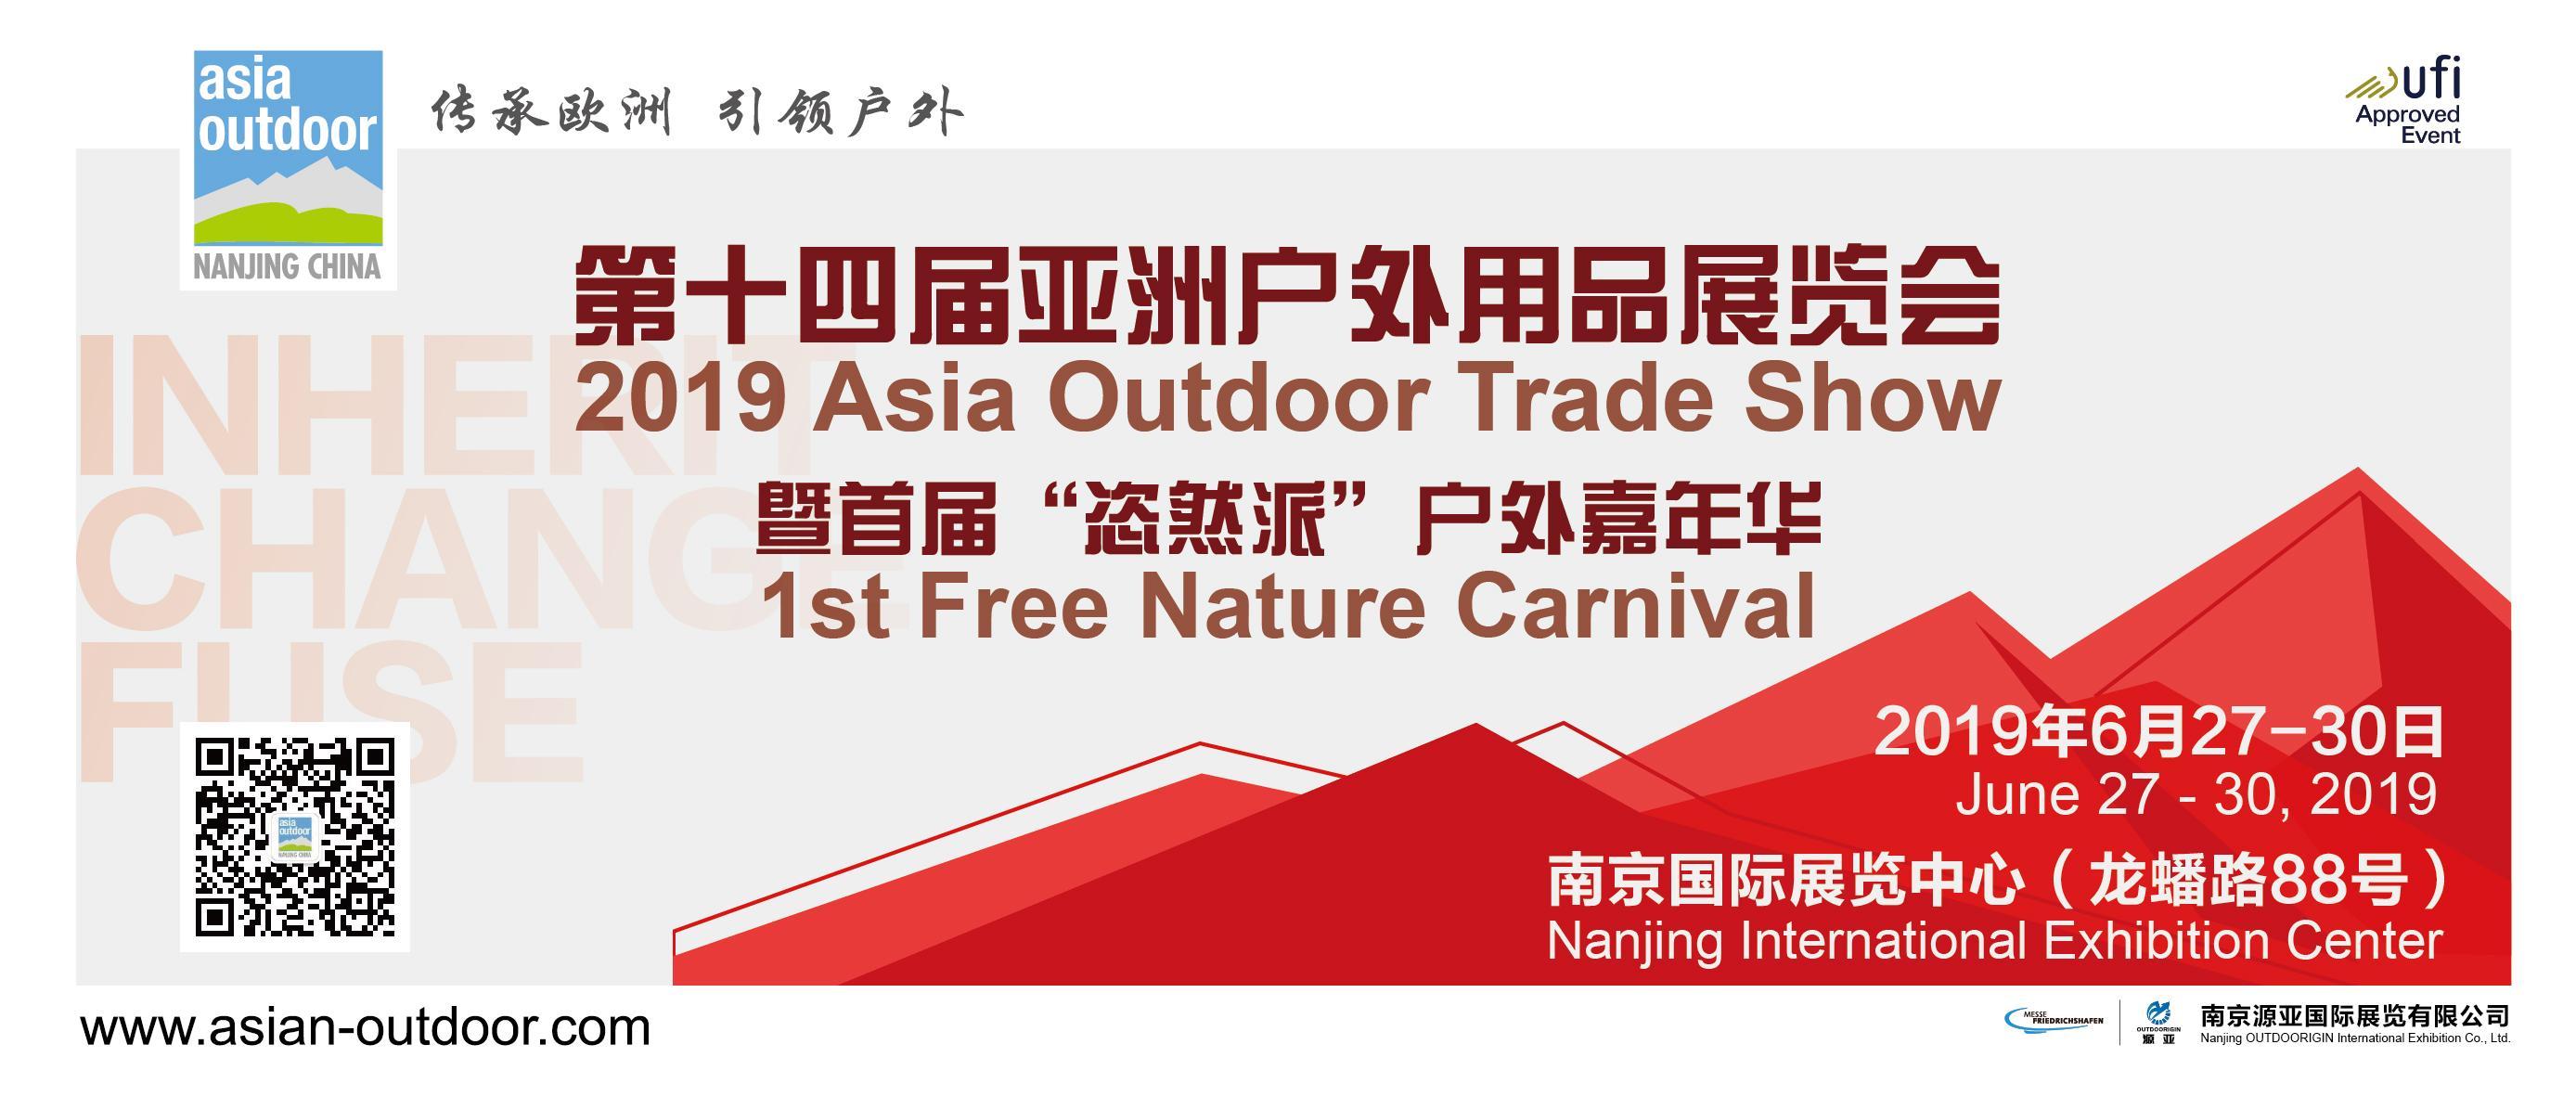 第十四届亚洲户外展携手260+品牌,强势发声!